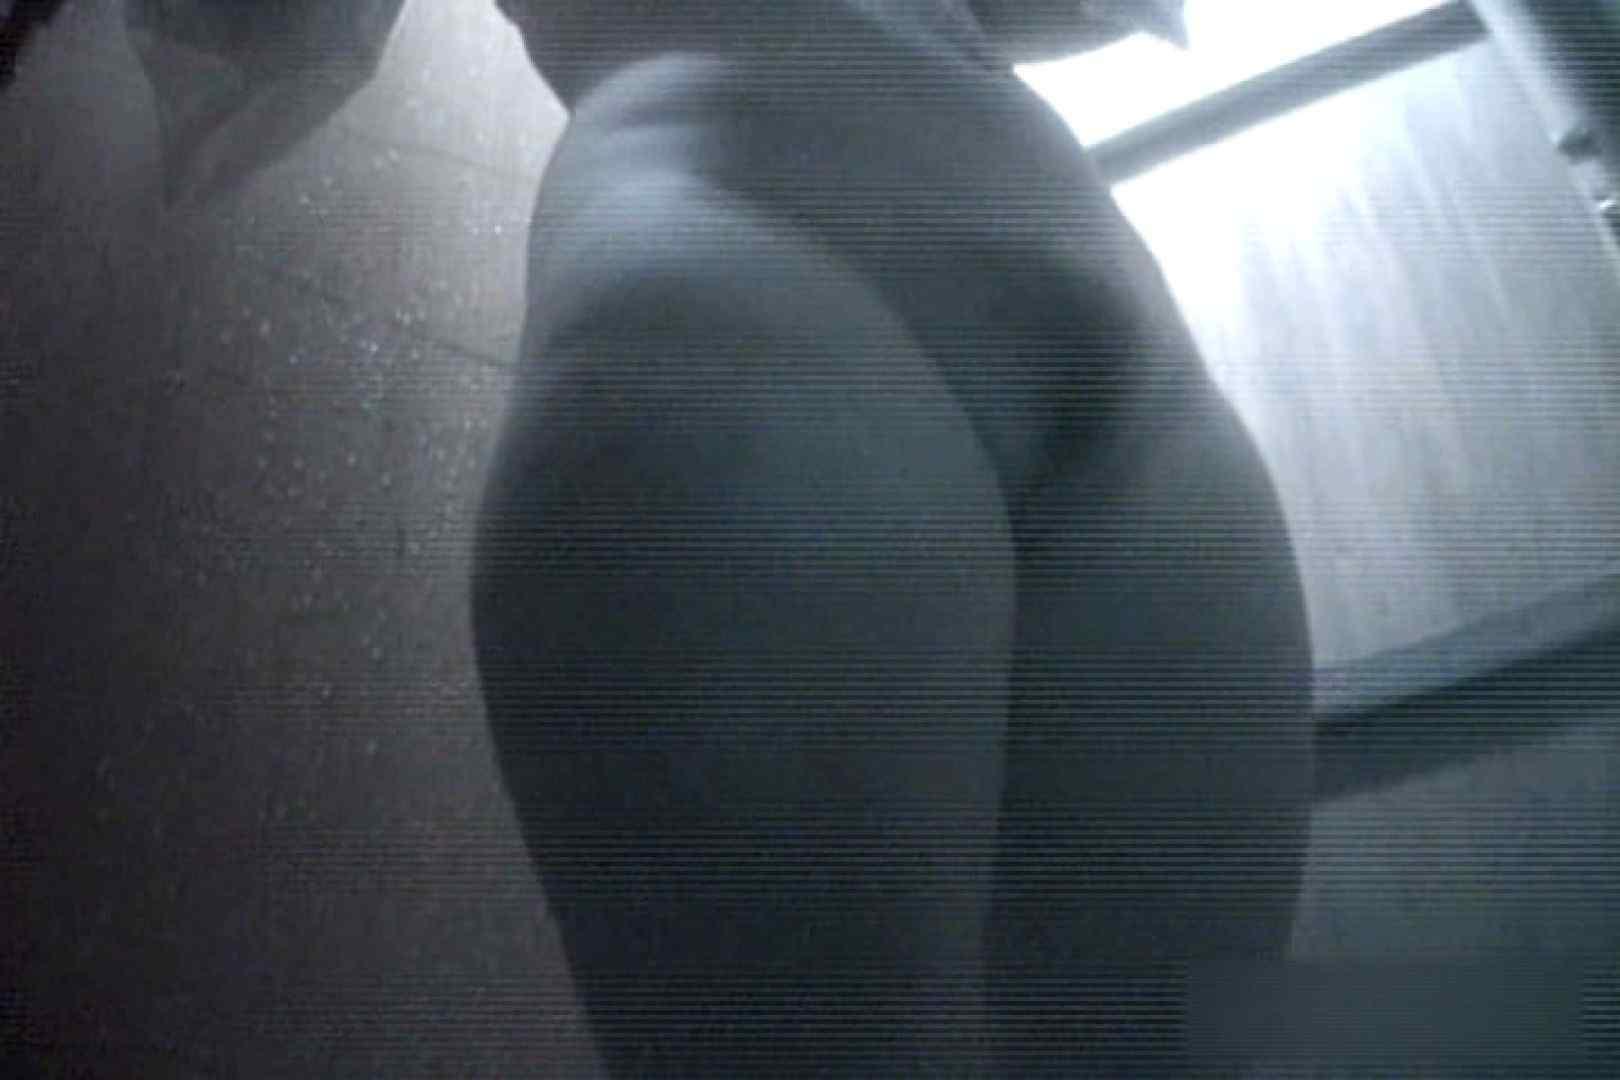 夏海シャワー室!ベトベトお肌をサラサラに!VOL.08 シャワー室 | シャワー  65pic 60